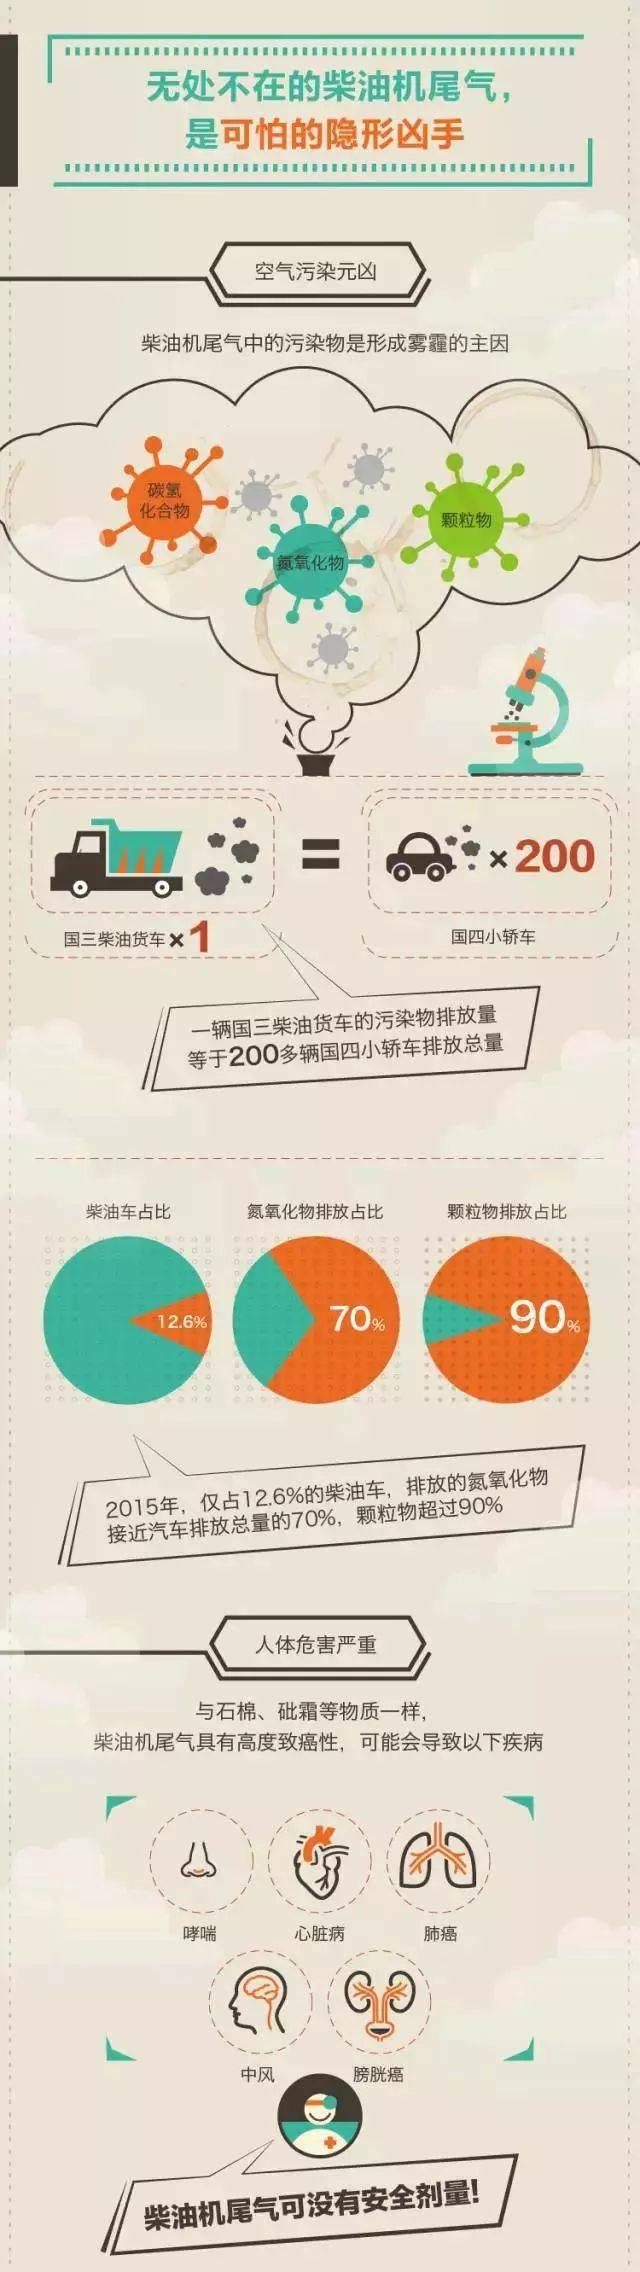 环保小课堂 汽车尾气已成为 城市移动污染主要源头之一 其排放的多种